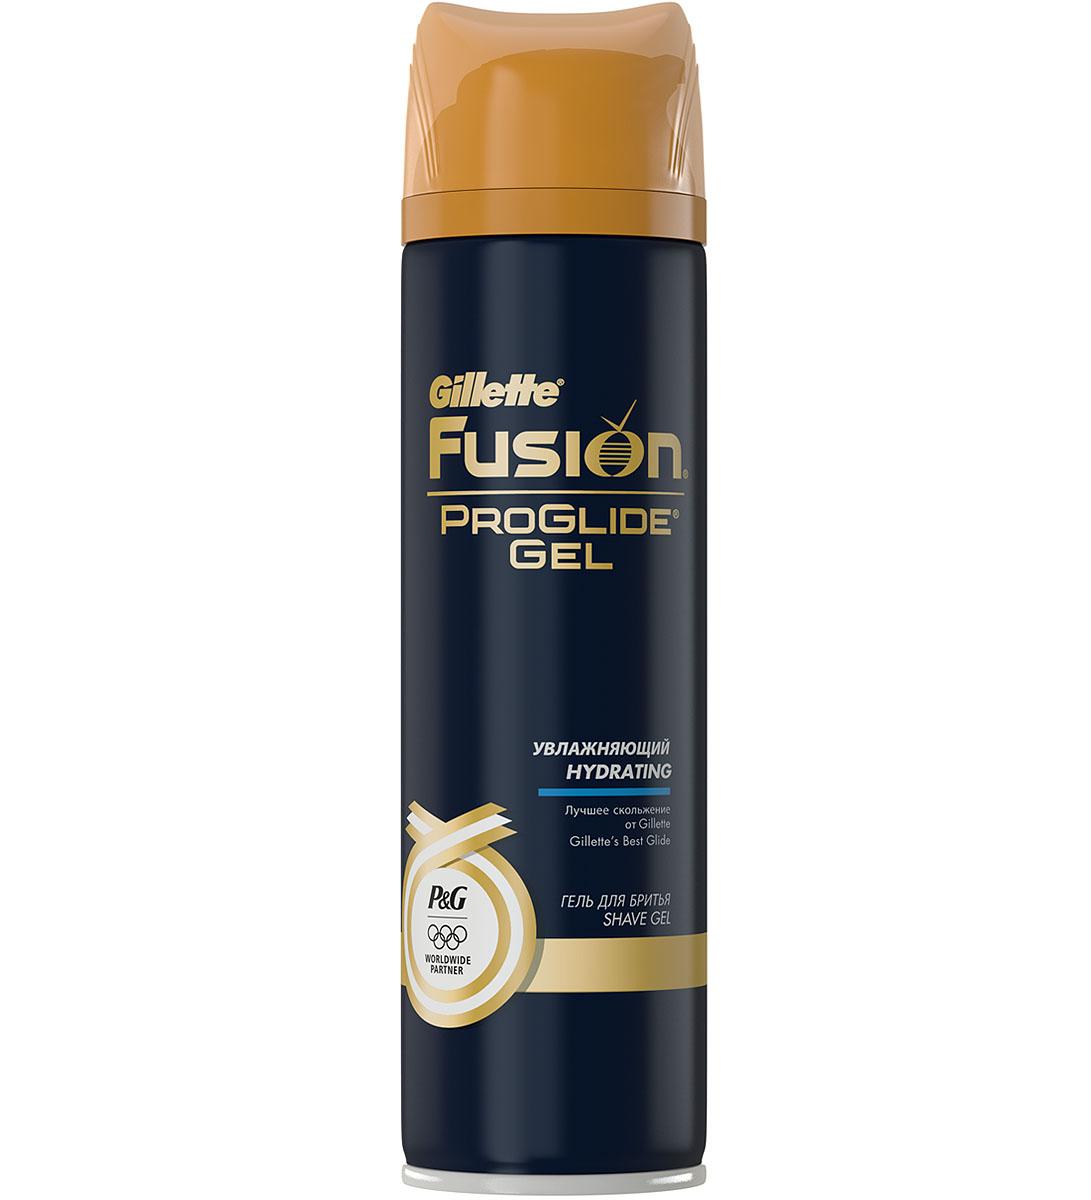 Gillette Гель для бритья Fusion ProGlide, увлажняющий, 200 млGIL-81375524Формула геля Gillette Fusion ProGlide с маслом ши и глицерином, помогает сохранить вашу кожу увлажненной во время бритья и уменьшить ощущение и признаки раздражения после бритья. Все гели Fusion ProGlide производятся с повышенным количеством смазывающих компонентов, обеспечивающих лучшее скольжение бритвы и отличный результат бритья.